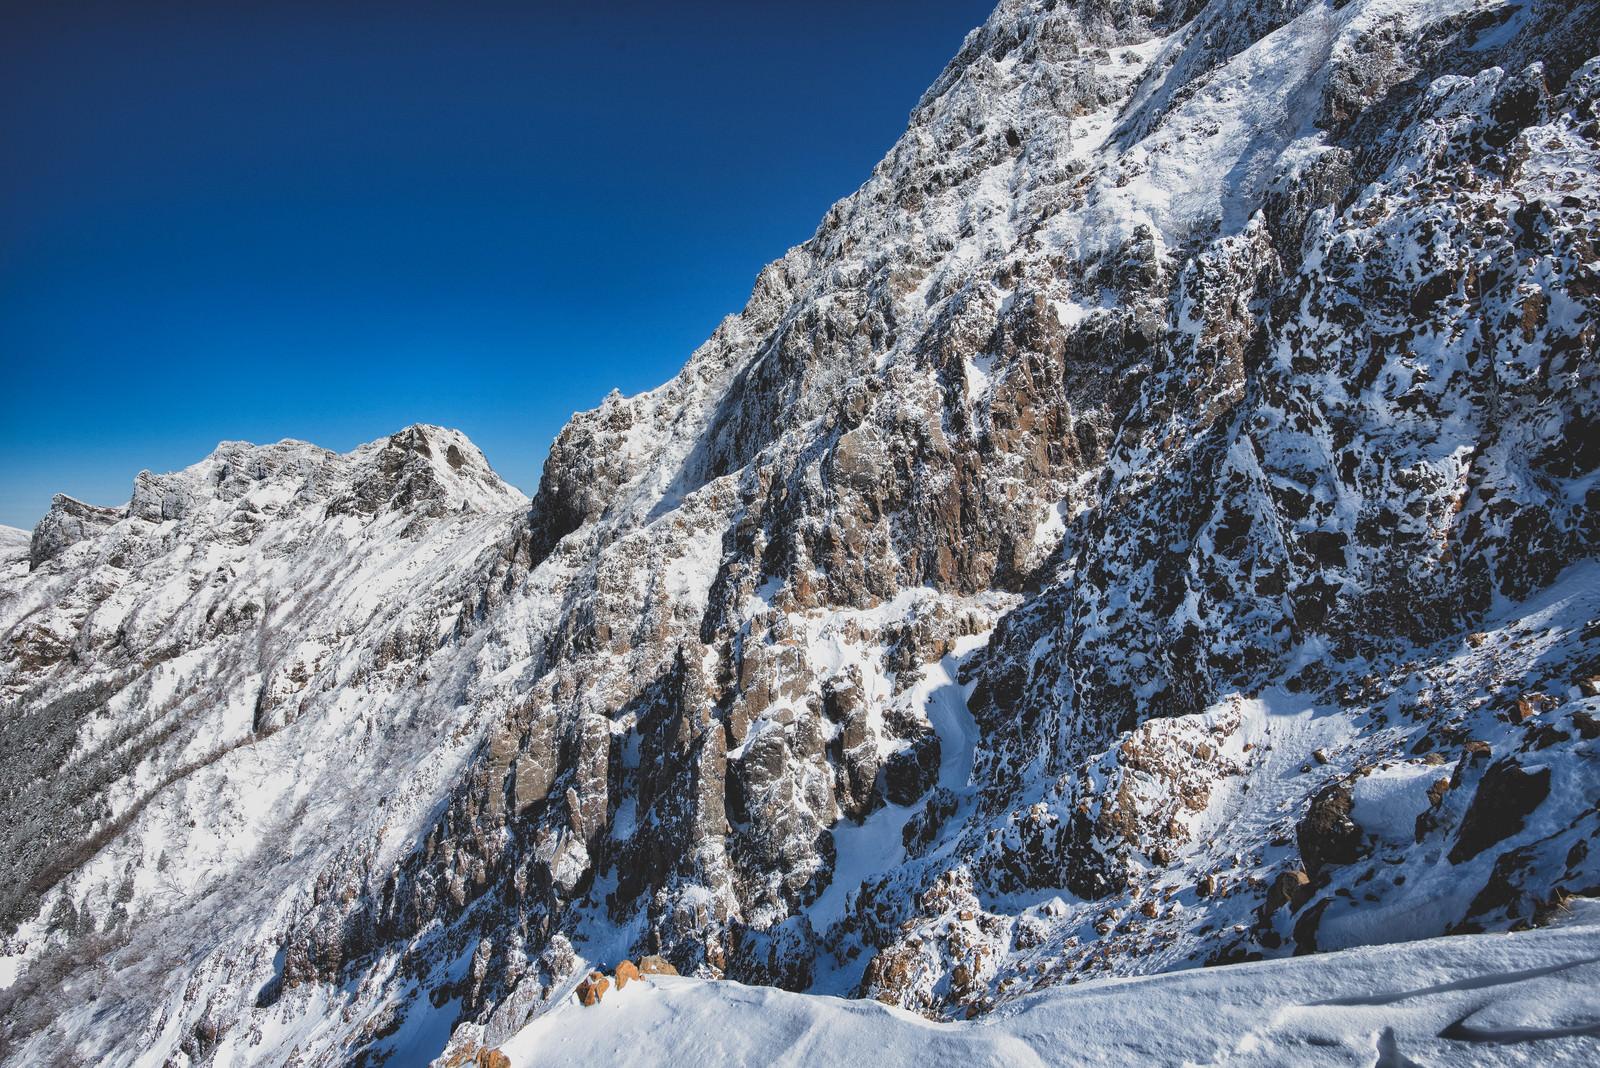 「雪が降った後の青空と赤岳の岩壁(八ヶ岳連峰)」の写真